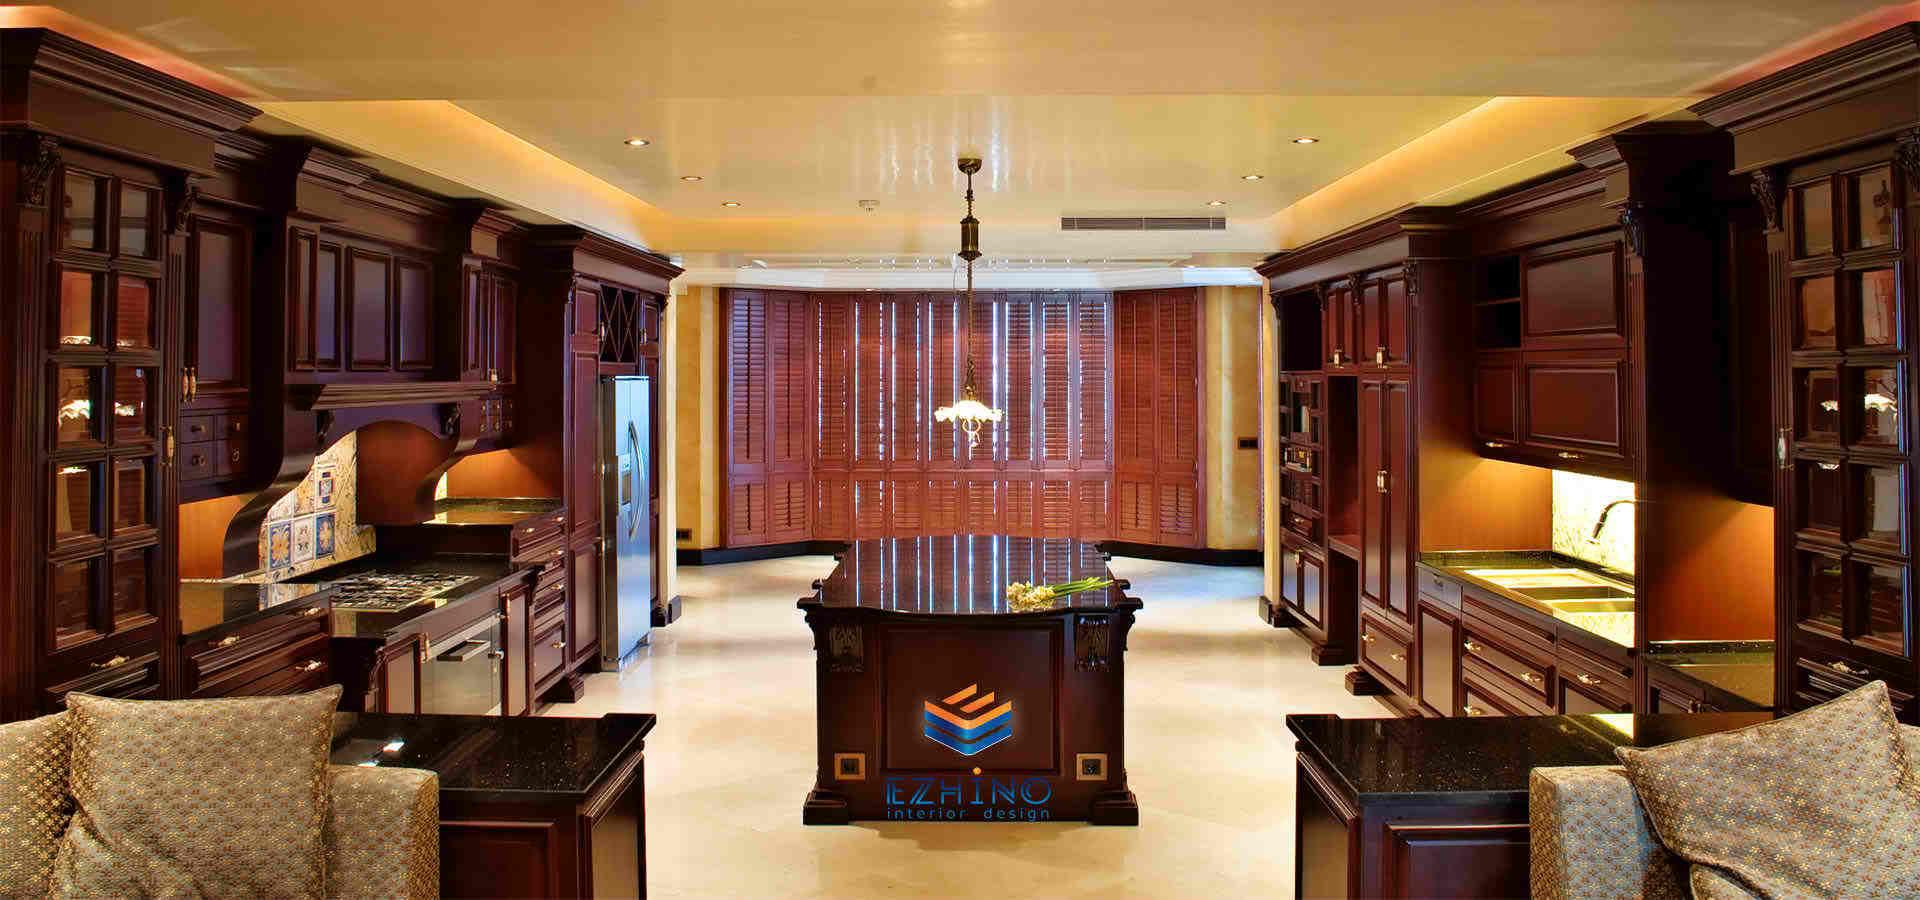 کابینت و دکوراسیون داخلی|درب تمام چوب، لابی|های گلاس